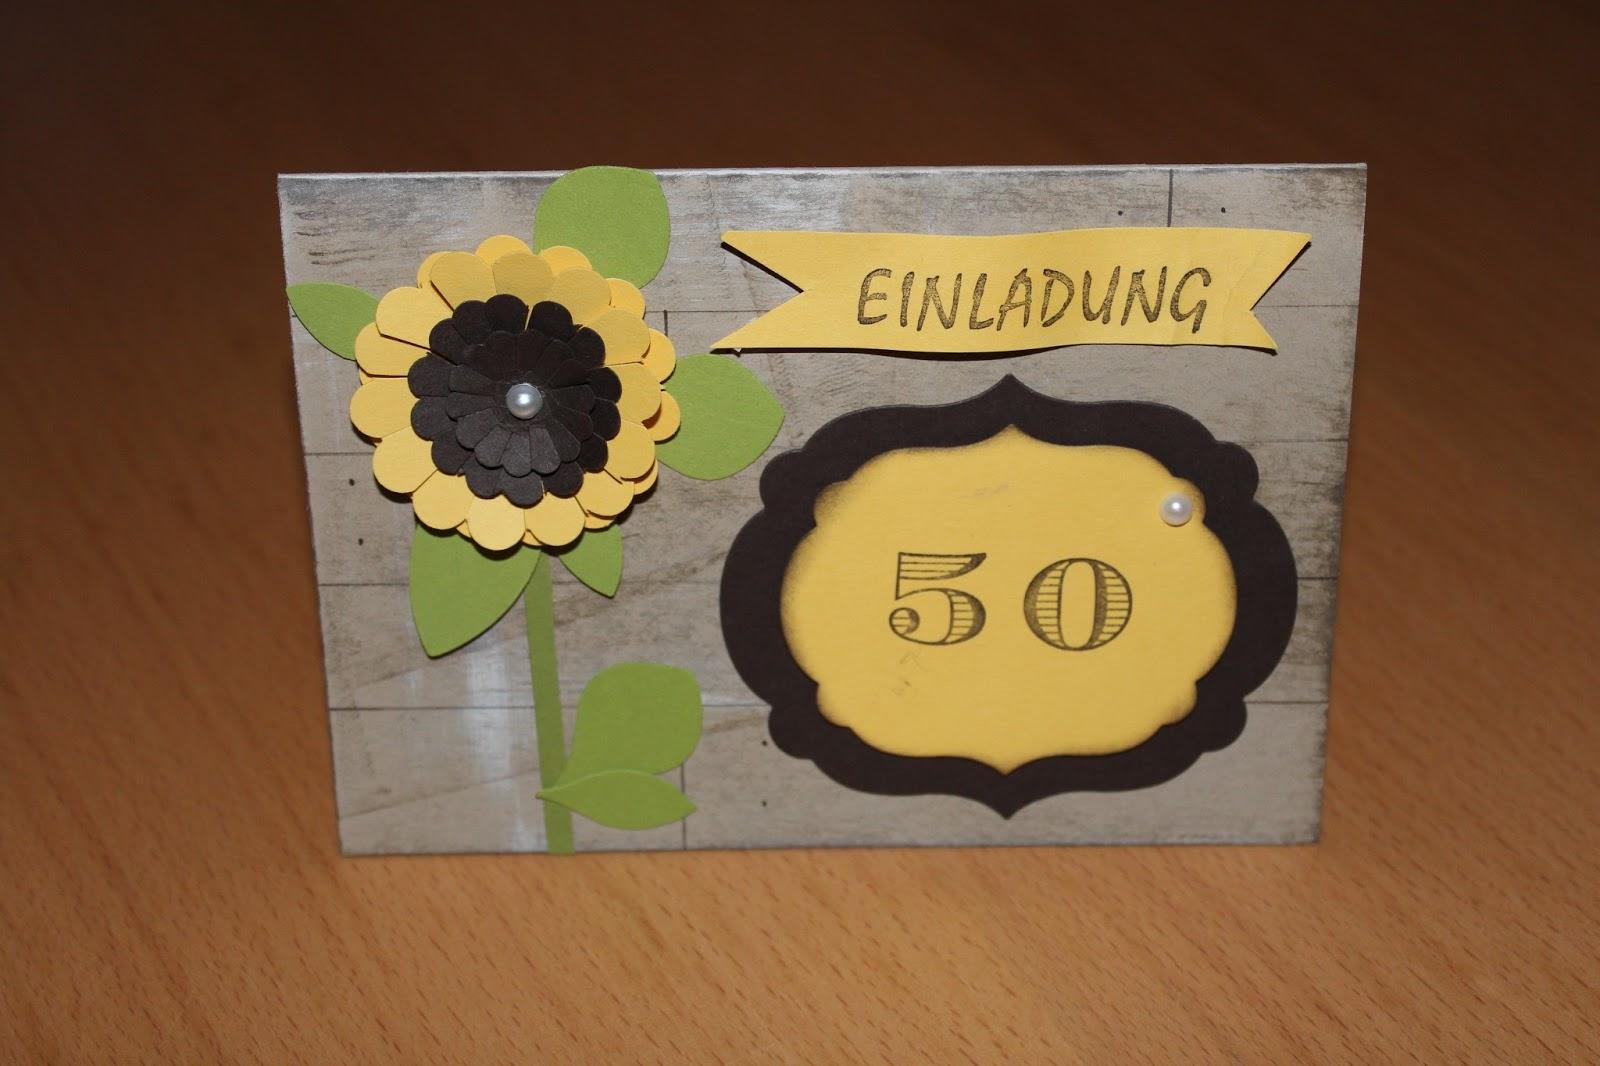 lustige bilder zum 50ten geburtstag - Gedichte zum 50 Geburtstag: Glückwünsche voll Witz und